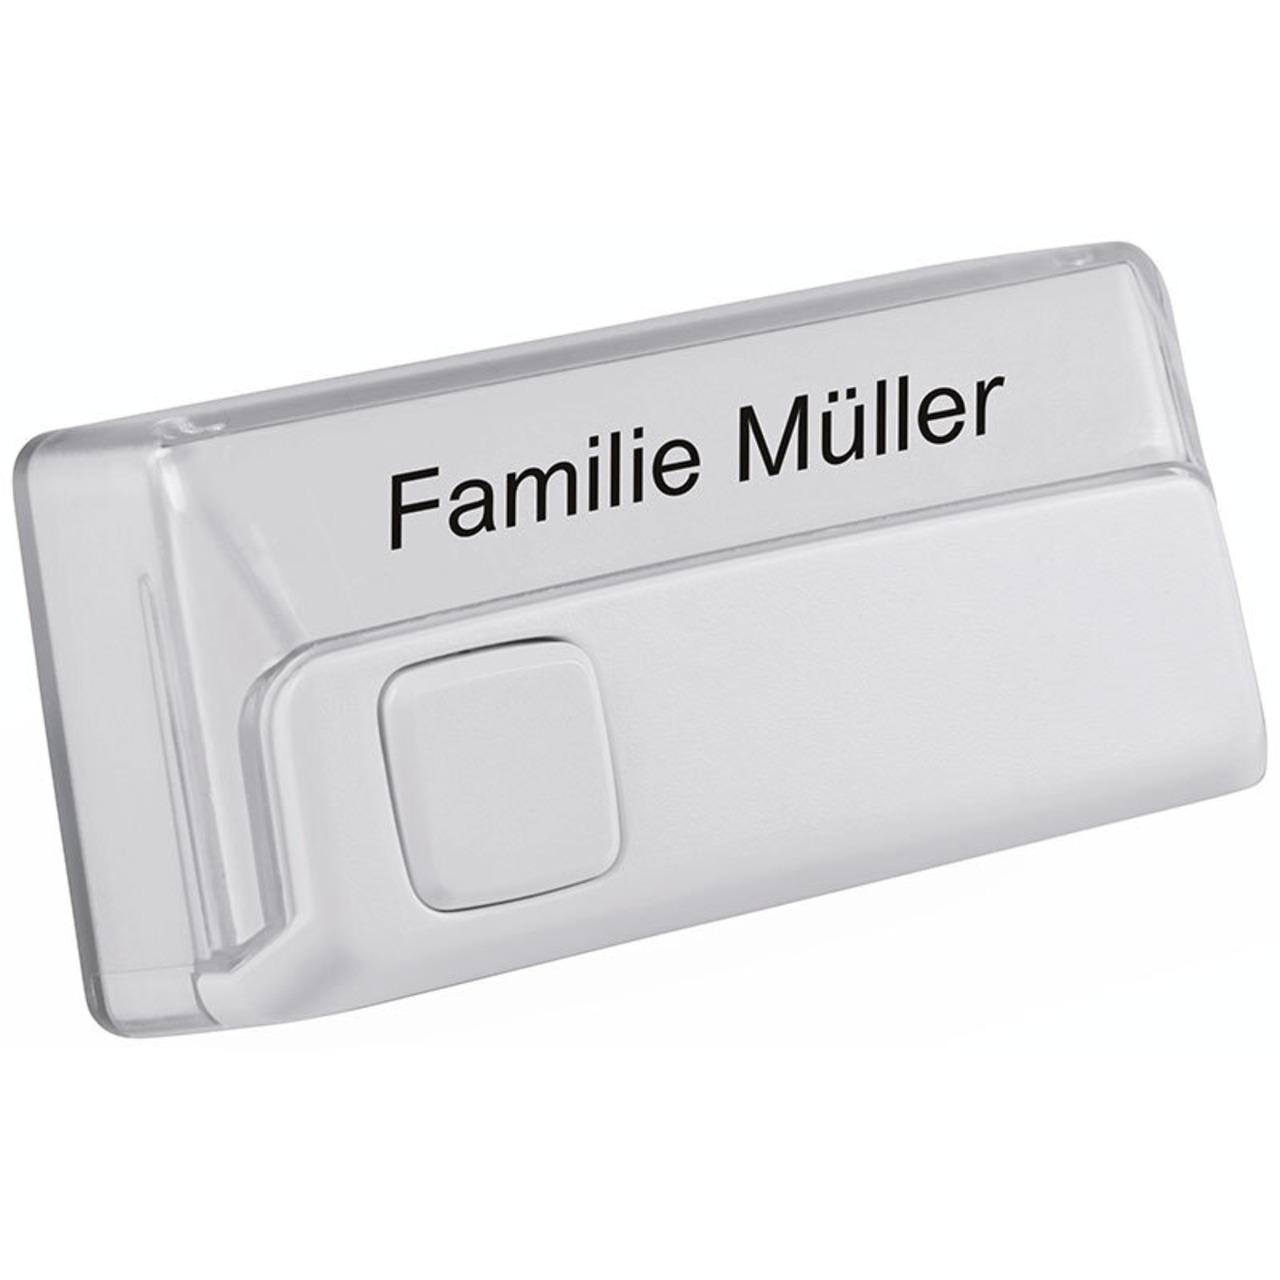 ELV Homematic IP ARR-Bausatz Klingeltaster- HmIP-DBB- fund-252 r Smart Home - Hausautomation